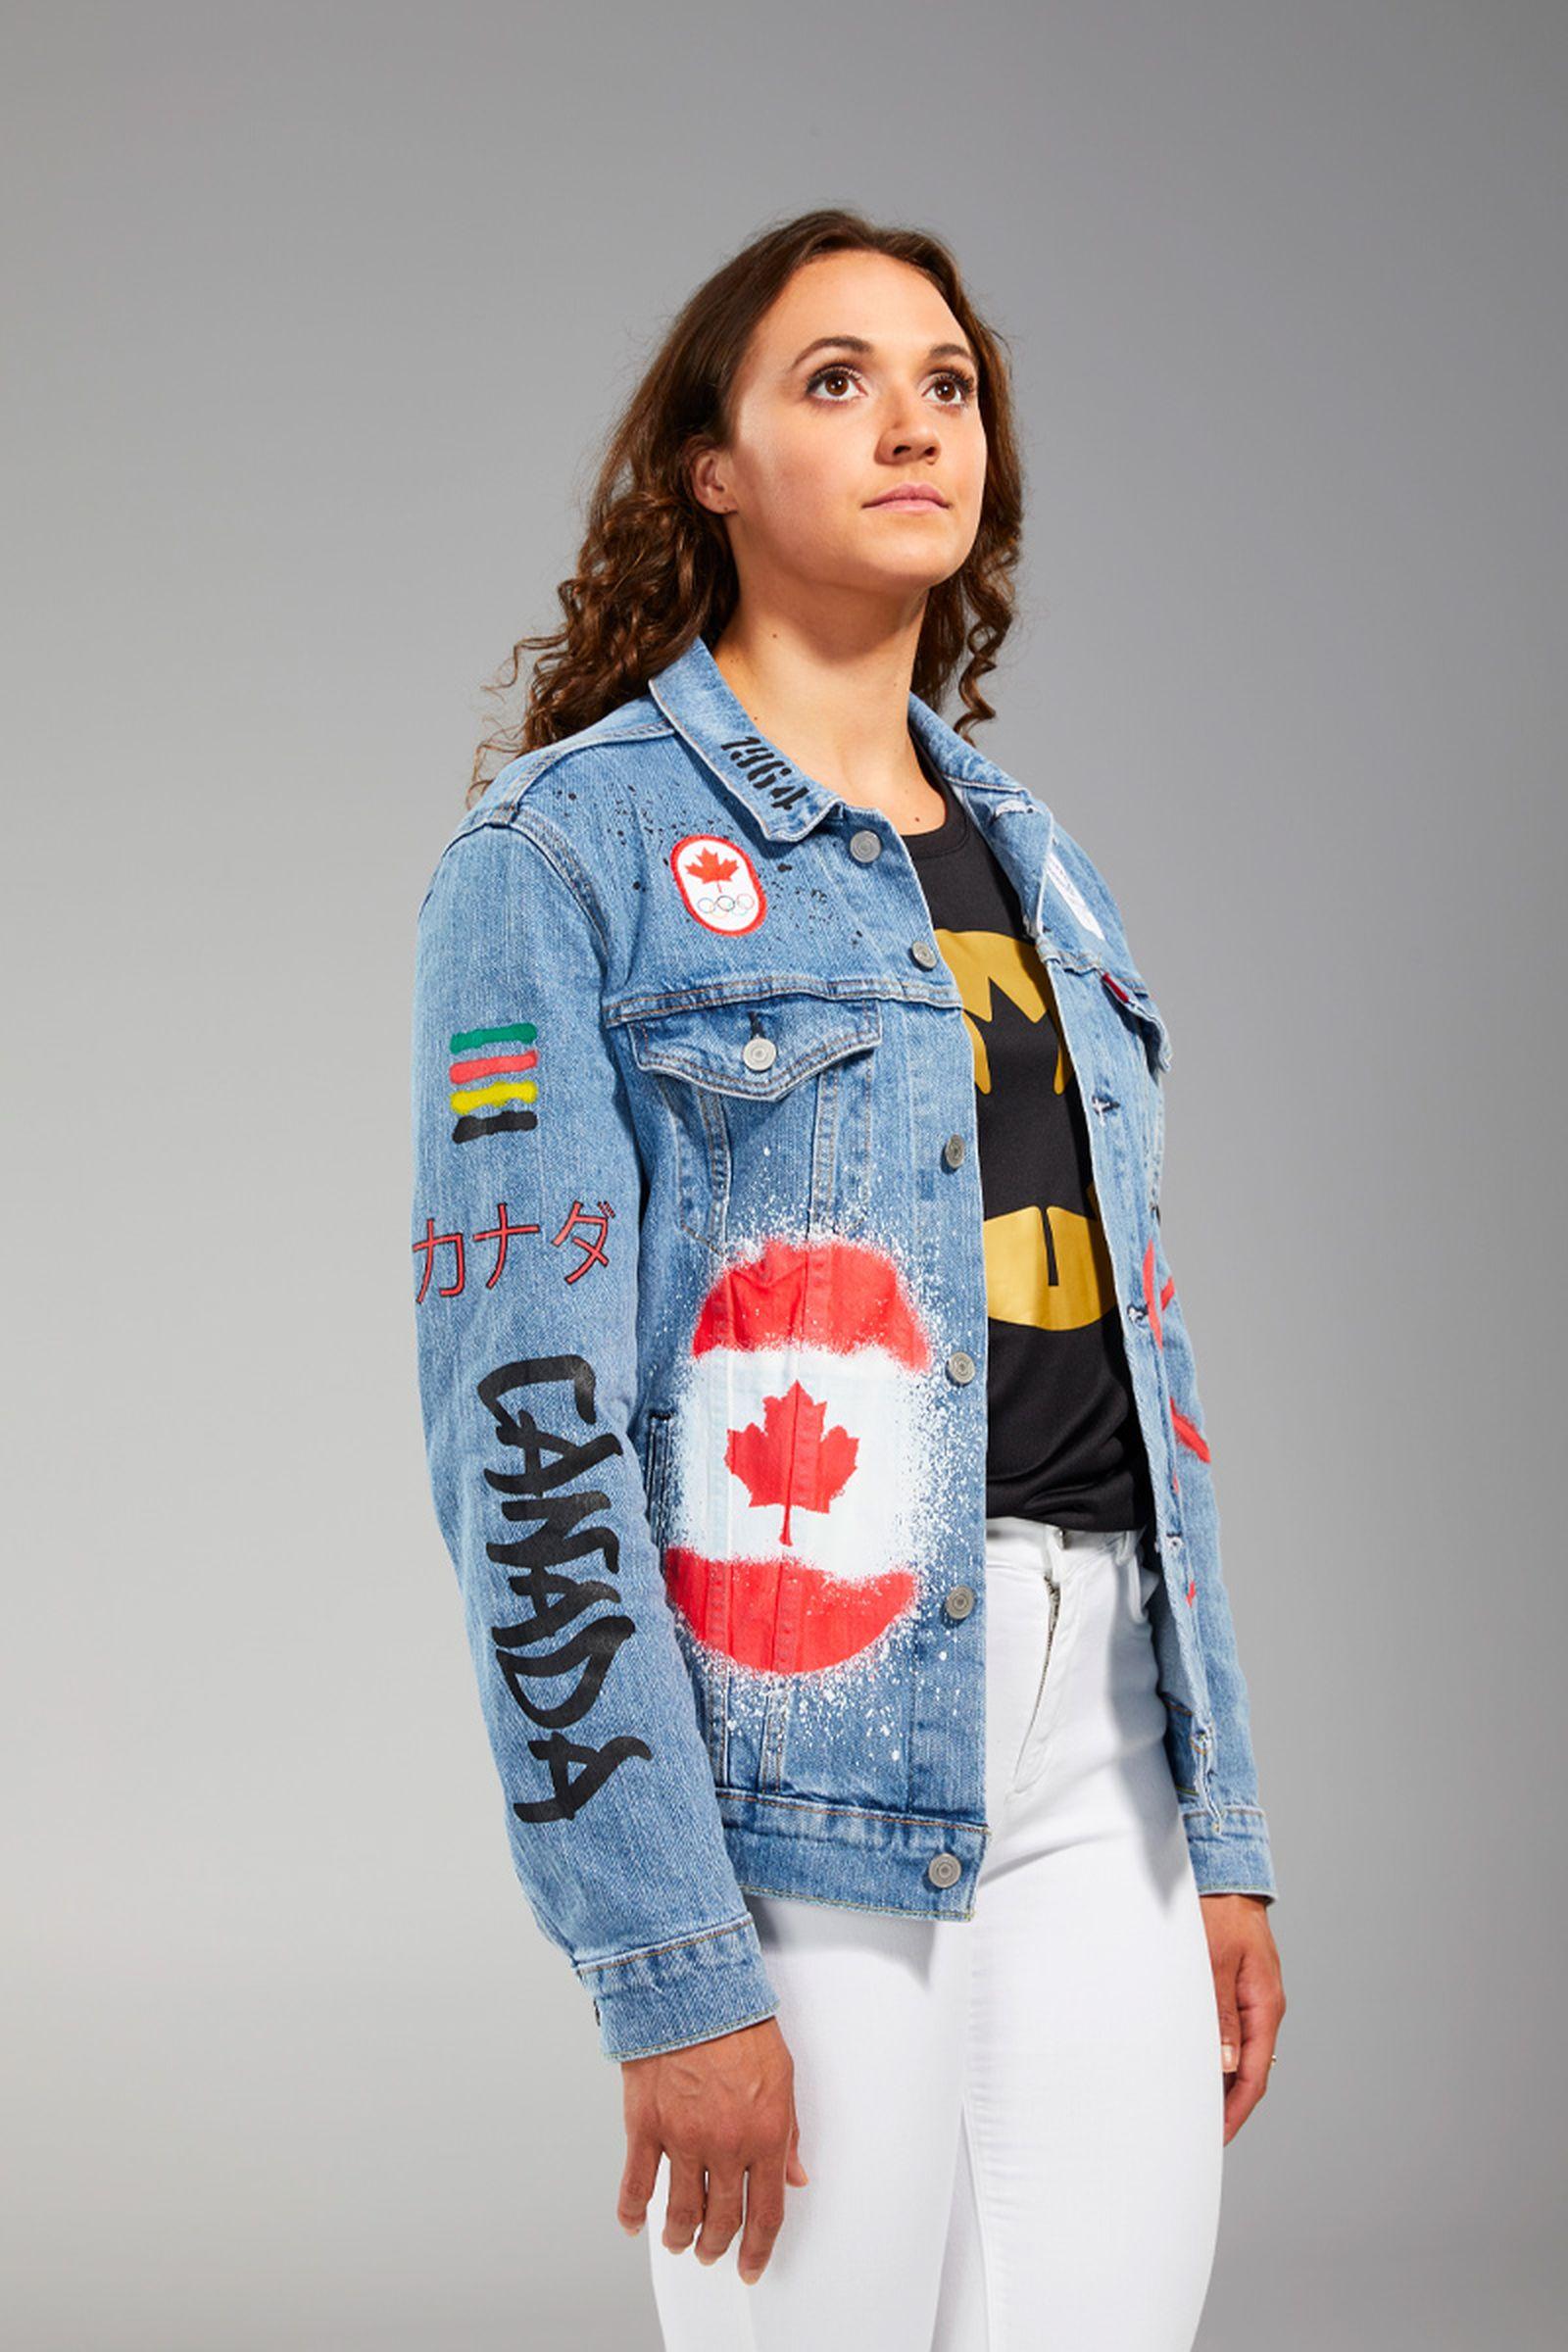 canada-olympic-uniform-denim-jacket-06